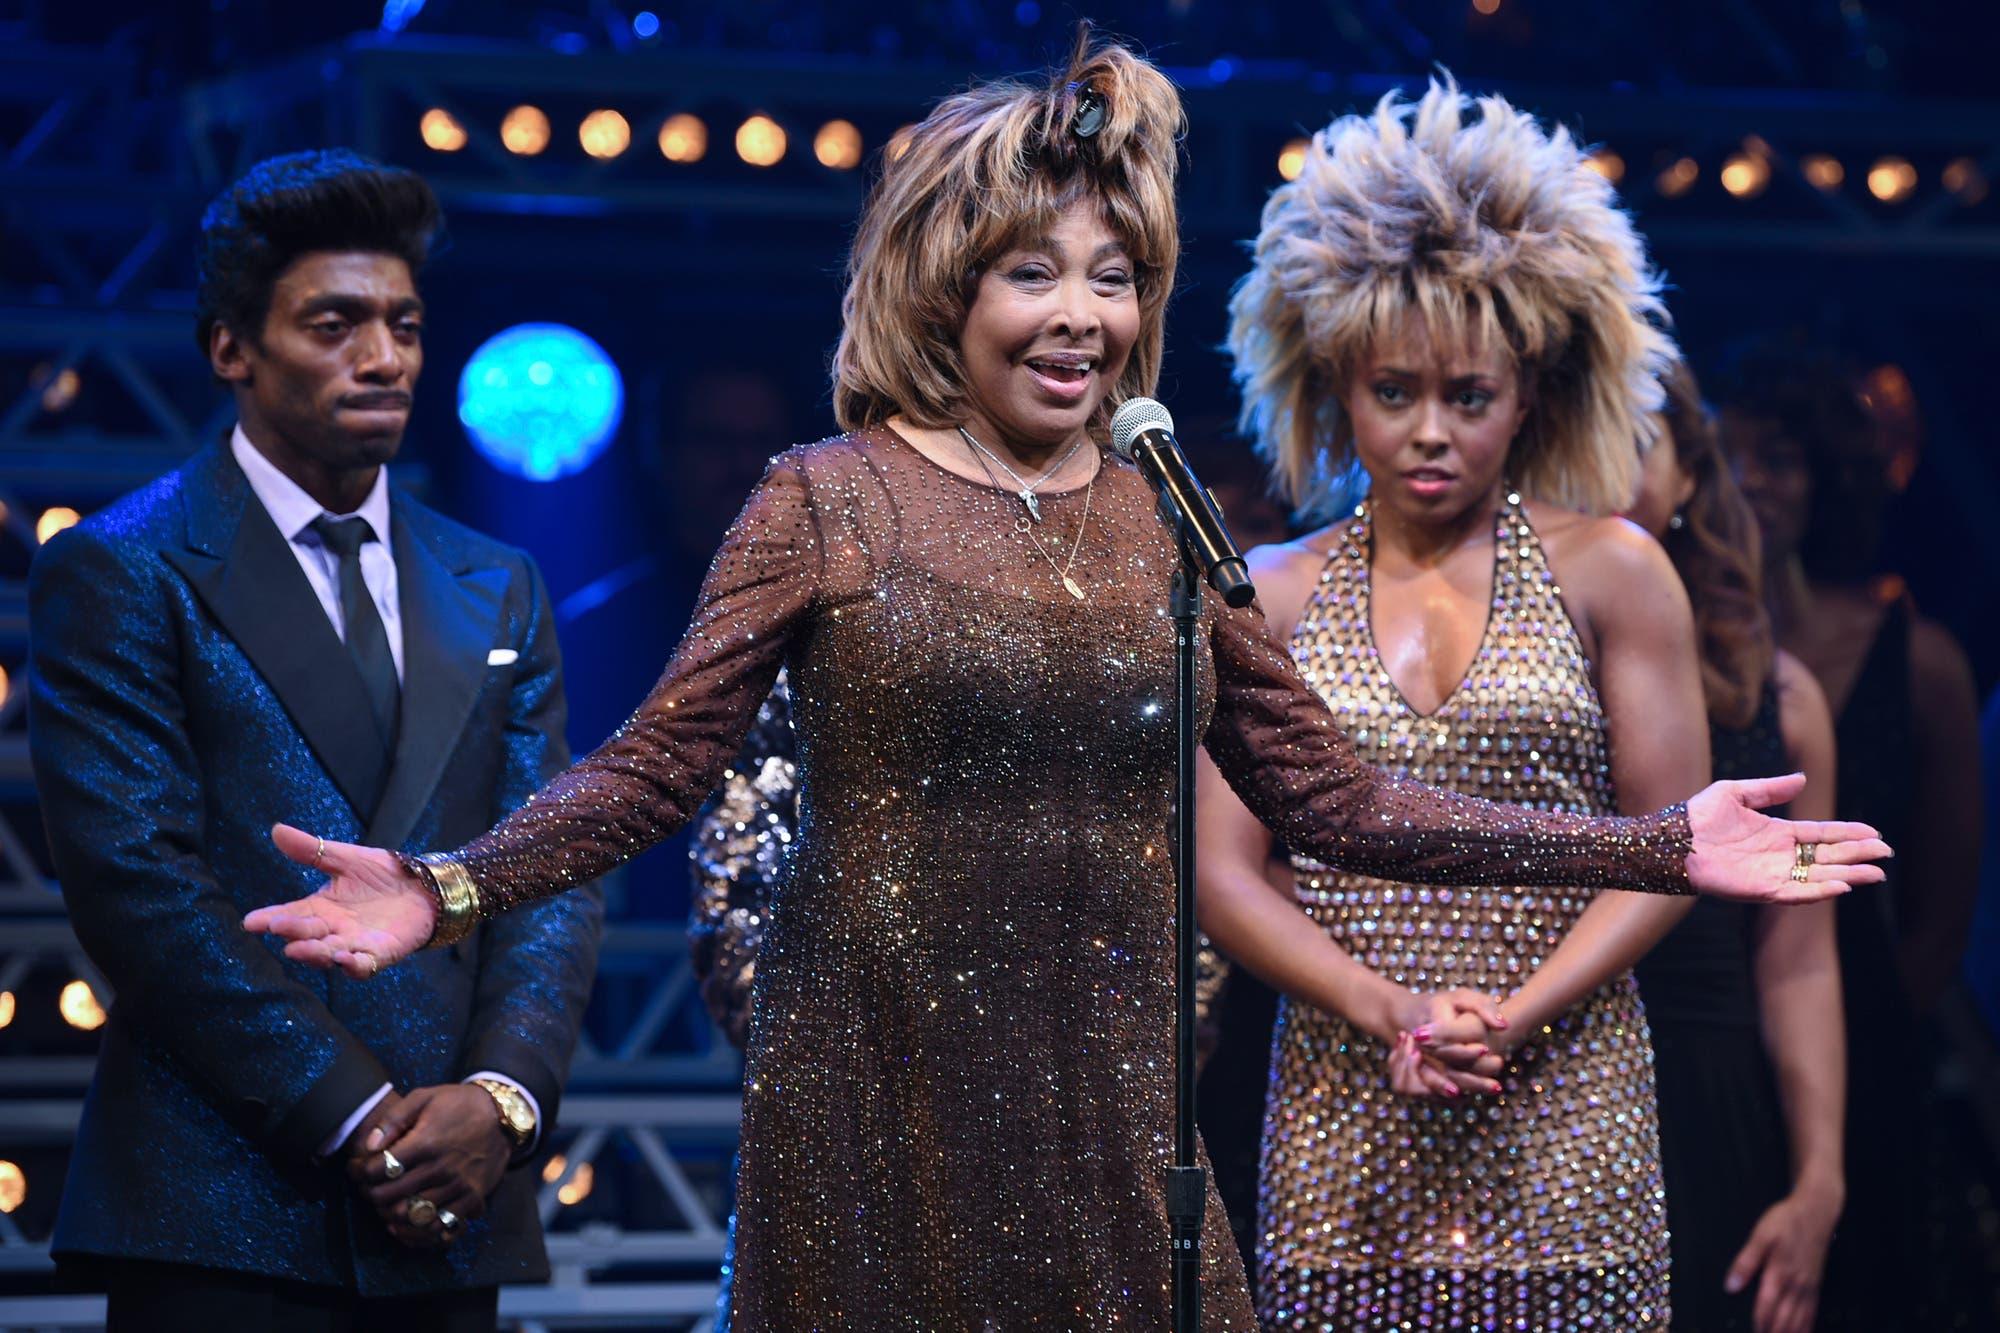 La emoción de Tina Turner durante el estreno del musical basado en su vida